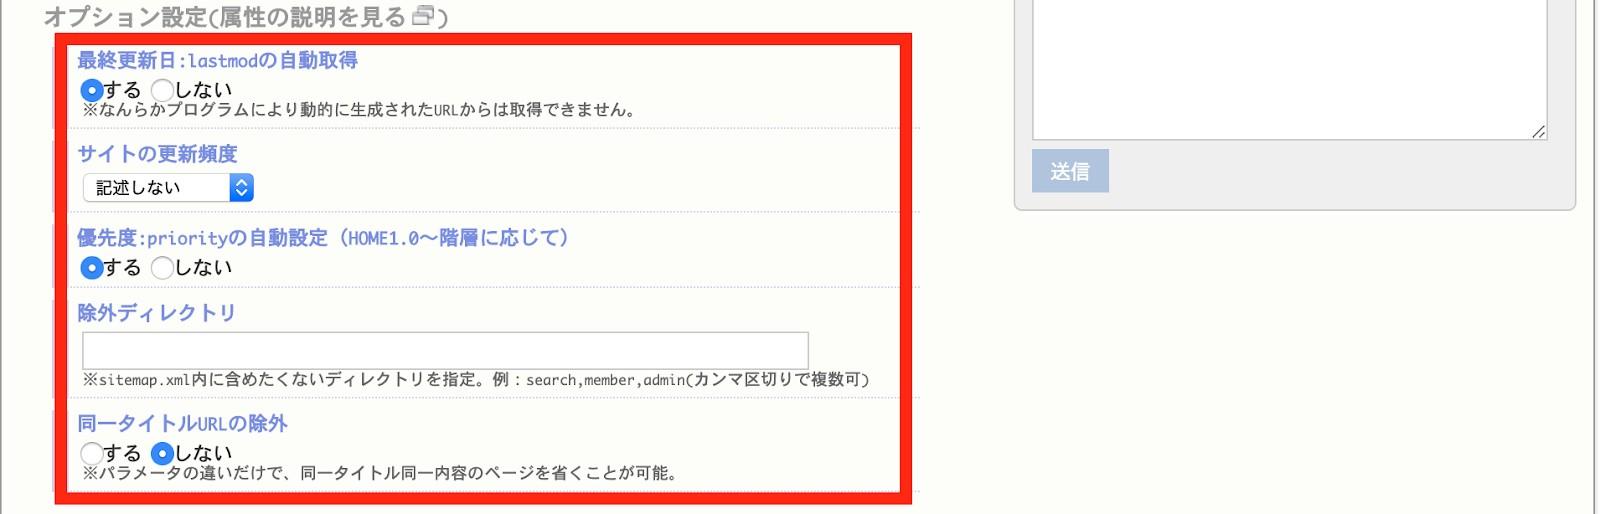 sitemap.xml Editor_2